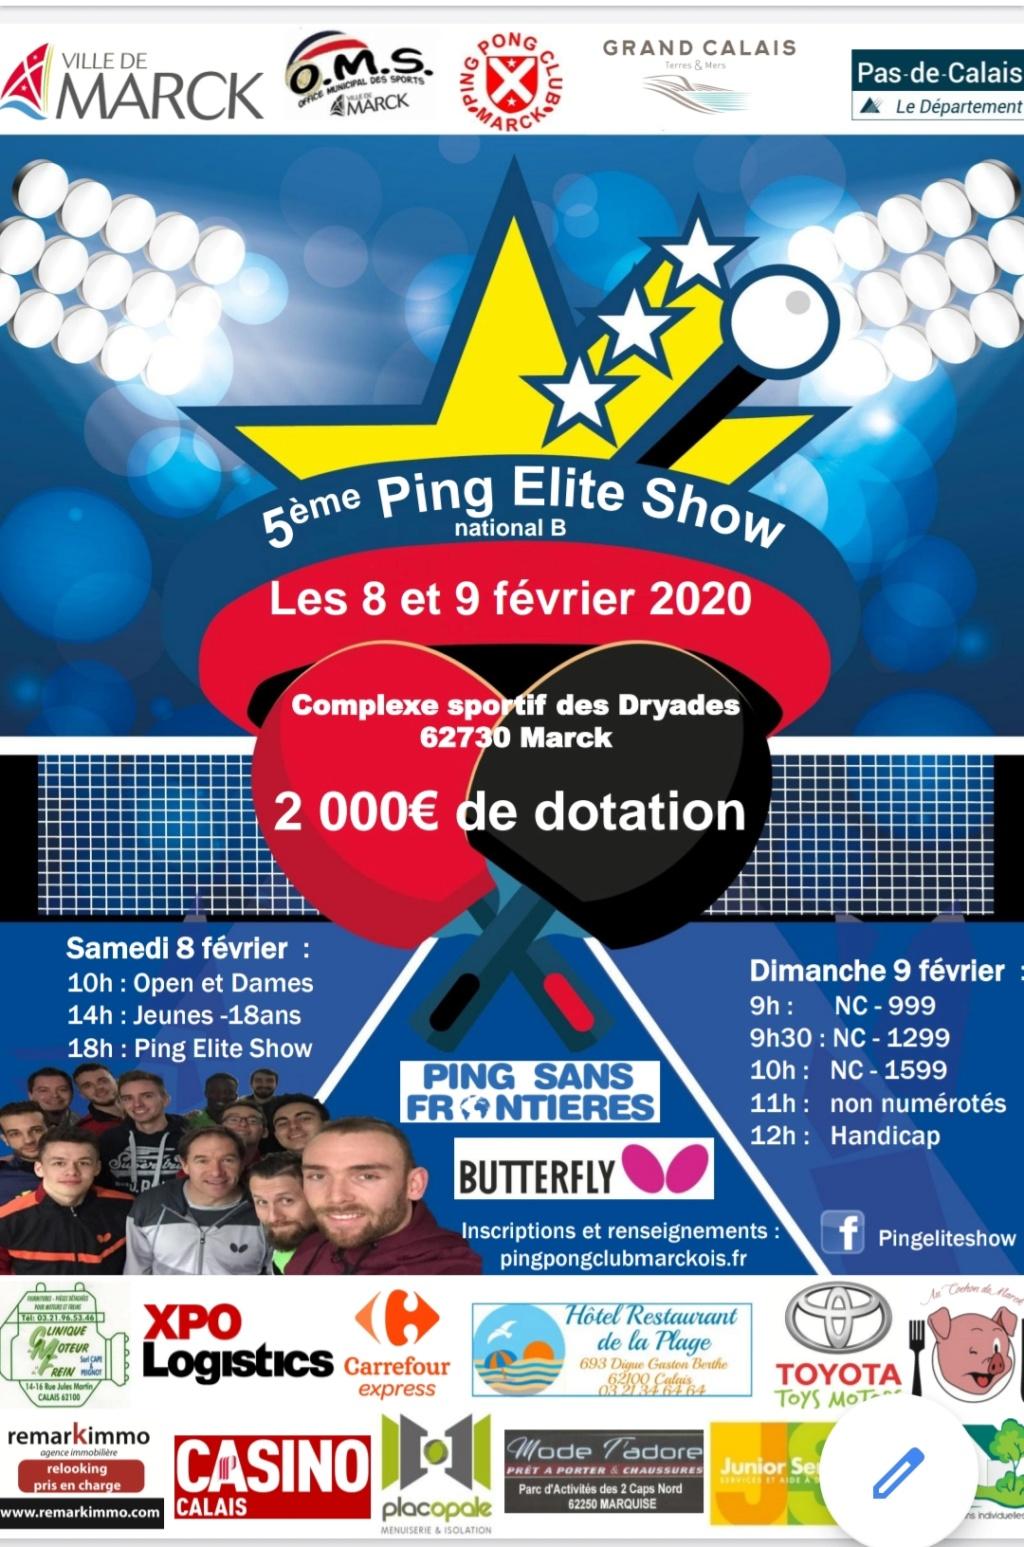 Ping Elite Show 5 les 8 et 9 février 2020 20191210